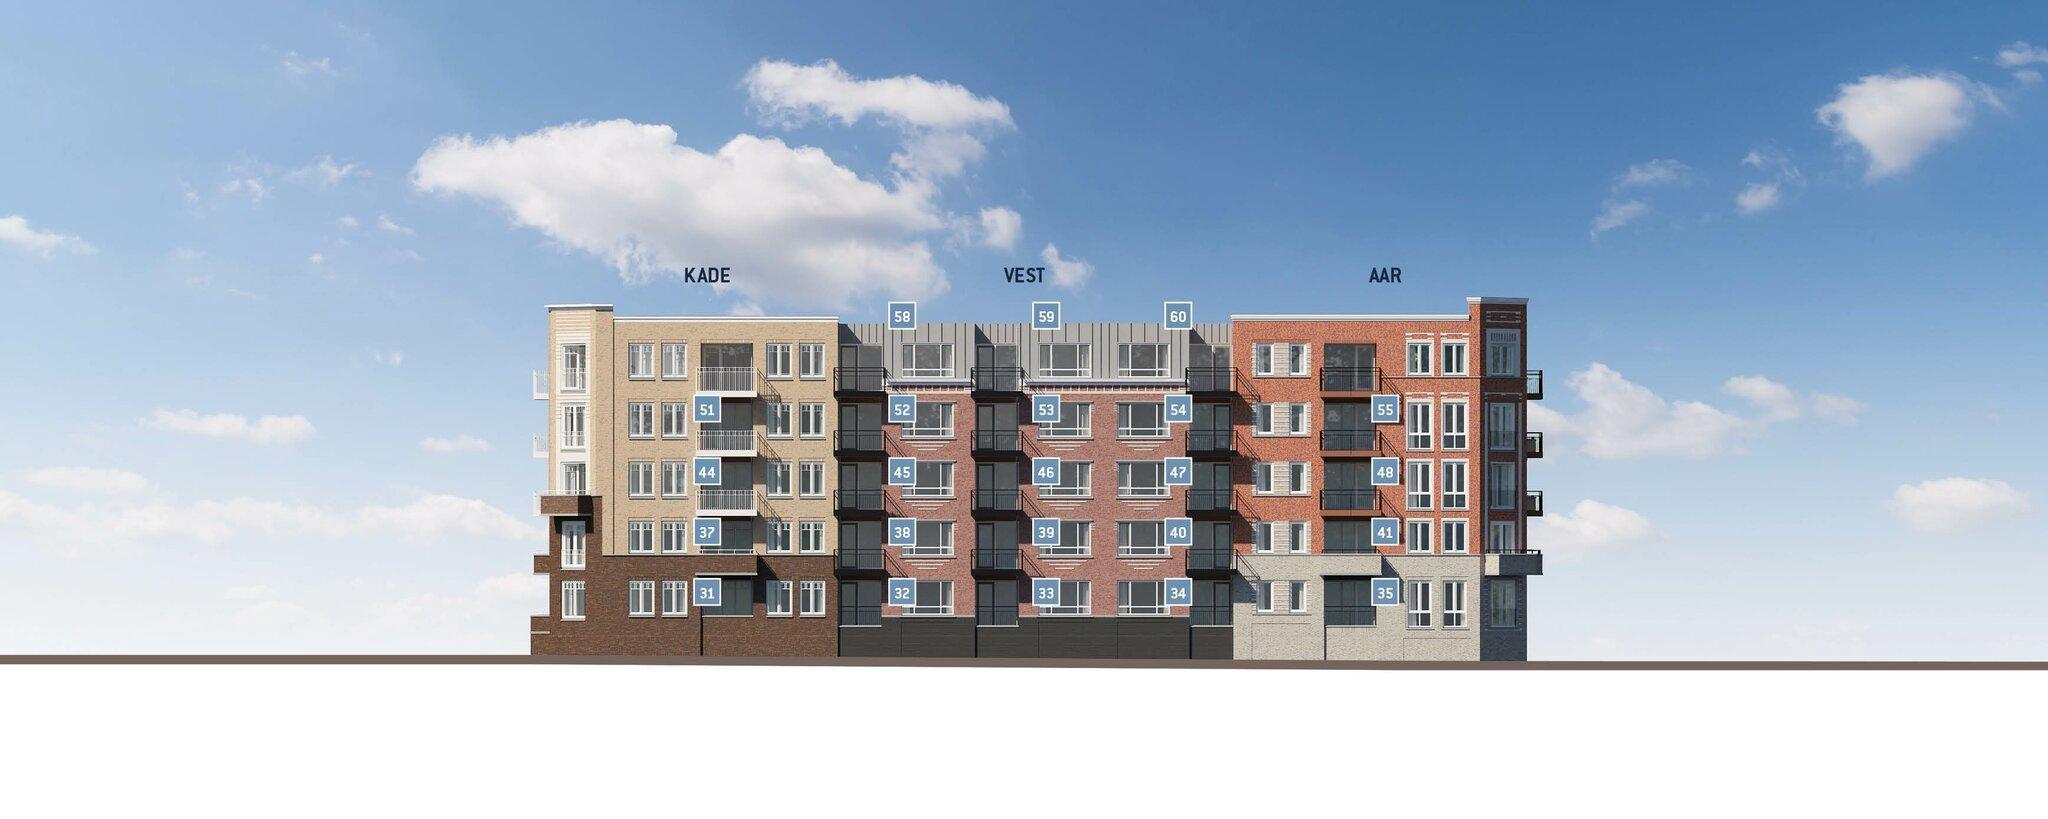 IN VERKOOP Het woningaanbod van deze derde (en laatste fase) bestaat uit 11 stadsvilla's, 8 herenhuizen en 10 grachtenpanden, 30 appartementen en 2 penthouses. De woningen en appartementen van deze laatste fase zijn georiënteerd op het Aarplein, de Vest, de Metaheerhuiskade of de Aarkade. Alle woningen beschikken over een eigen privé parkeerplek en berging in de halfverdiepte parkeergarage. De locatie en de woningdiversiteit maken het plan uniek en creëert een mix van nieuwbouw in een levendige woonomgeving. Het woningaanbod is zeer gevarieerd in woningtypen en sferen en bestaat uit: 8 herenhuizen Er komen unieke herenhuizen op verschillende plekken in het Aarkadekwartier. De herenhuizen hebben een woonoppervlak vanaf ca. 145 tot ca. 173 m2. De prijzen beginnen bij € 429.500 v.o.n. 11 stadsvilla's Deze luxe stadswoningen hebben een statige bordestrap en een interne toegang naar de garage, variërend in woonoppervlak vanaf ca. 145 tot ca. 173 m2. De prijzen beginnen bij […]